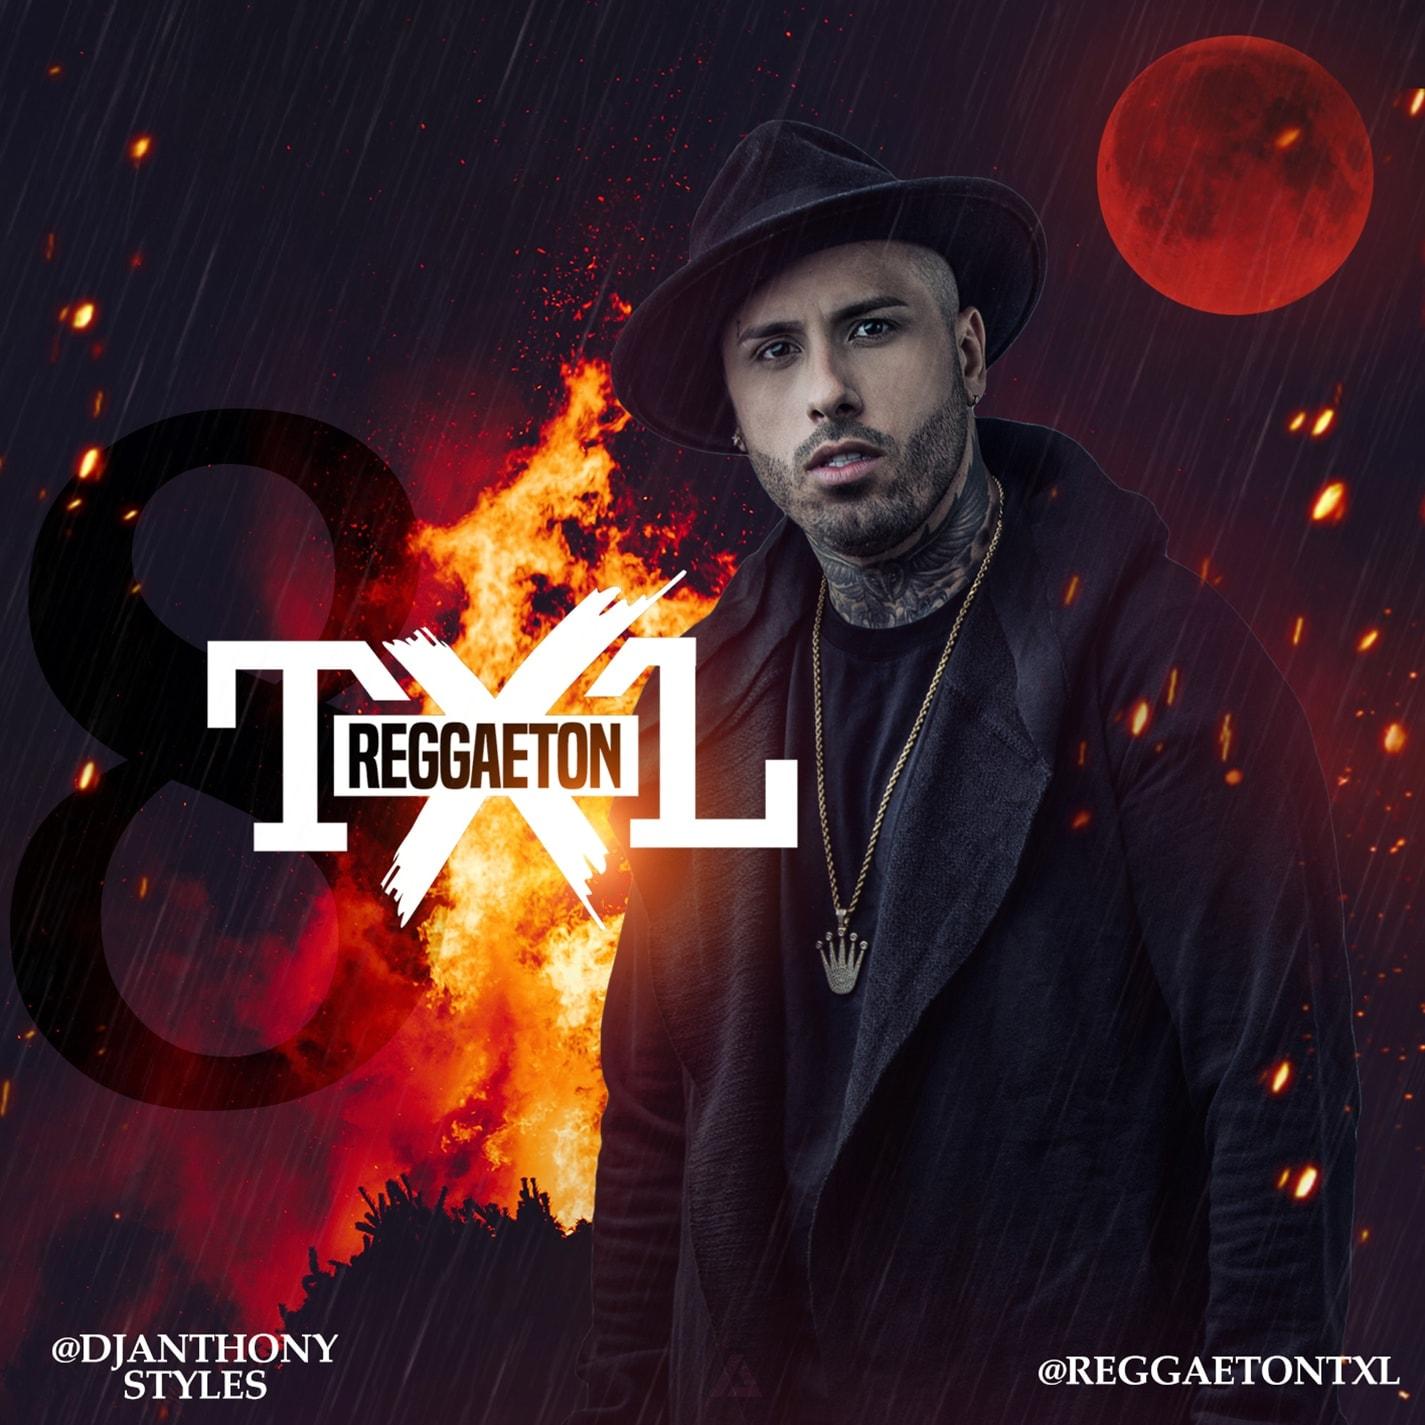 reggaetontxl-8-album-design-accolademedia